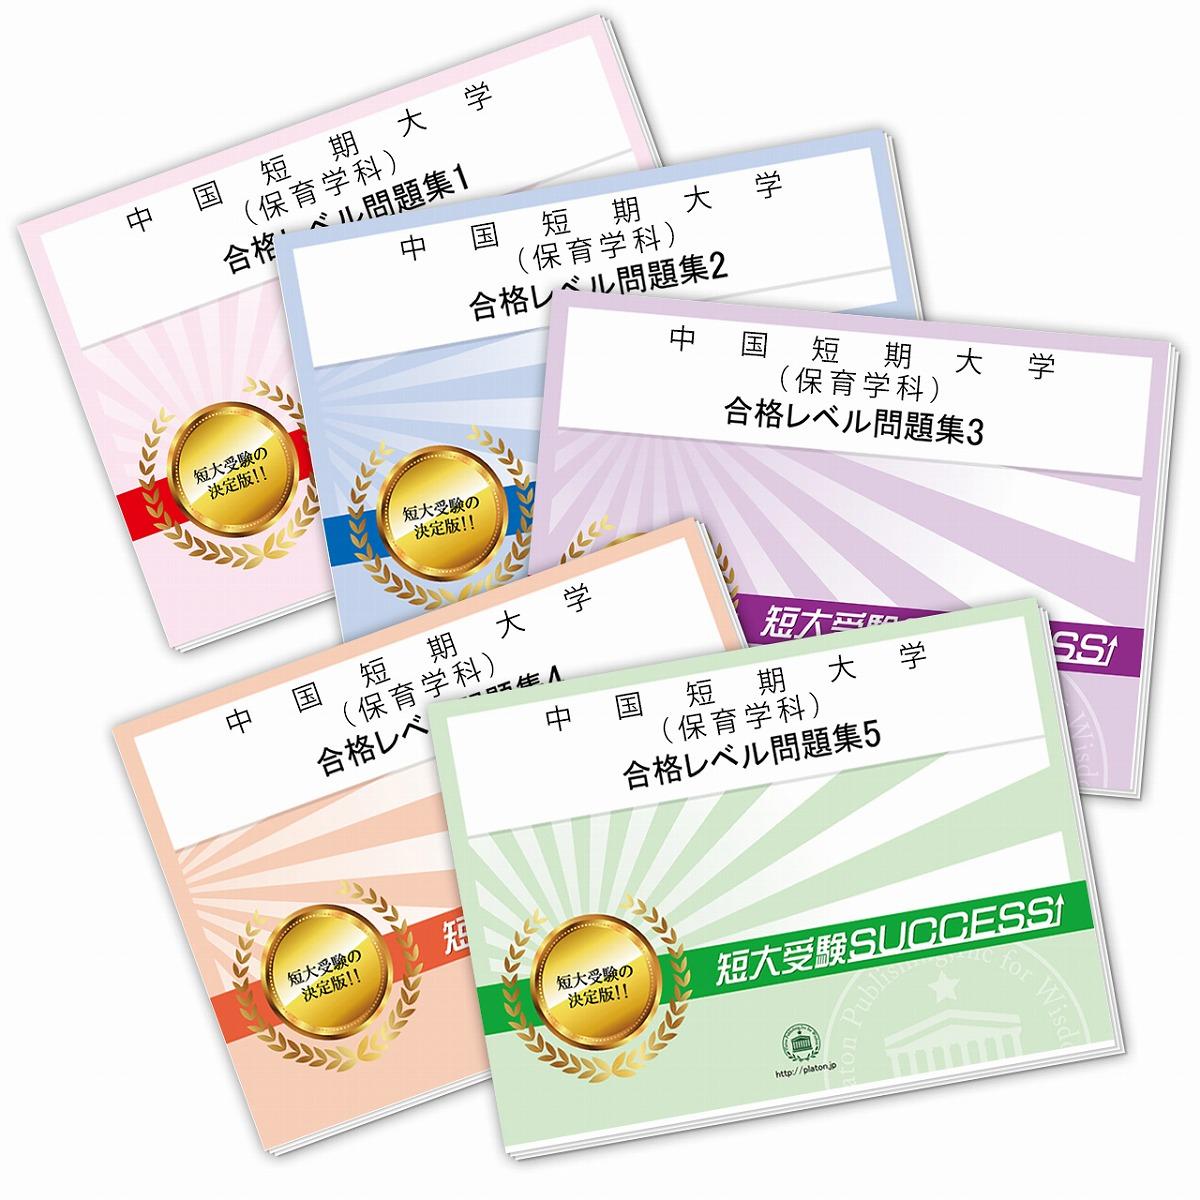 【送料・代引手数料無料】中国短期大学(保育学科)受験合格セット(5冊)